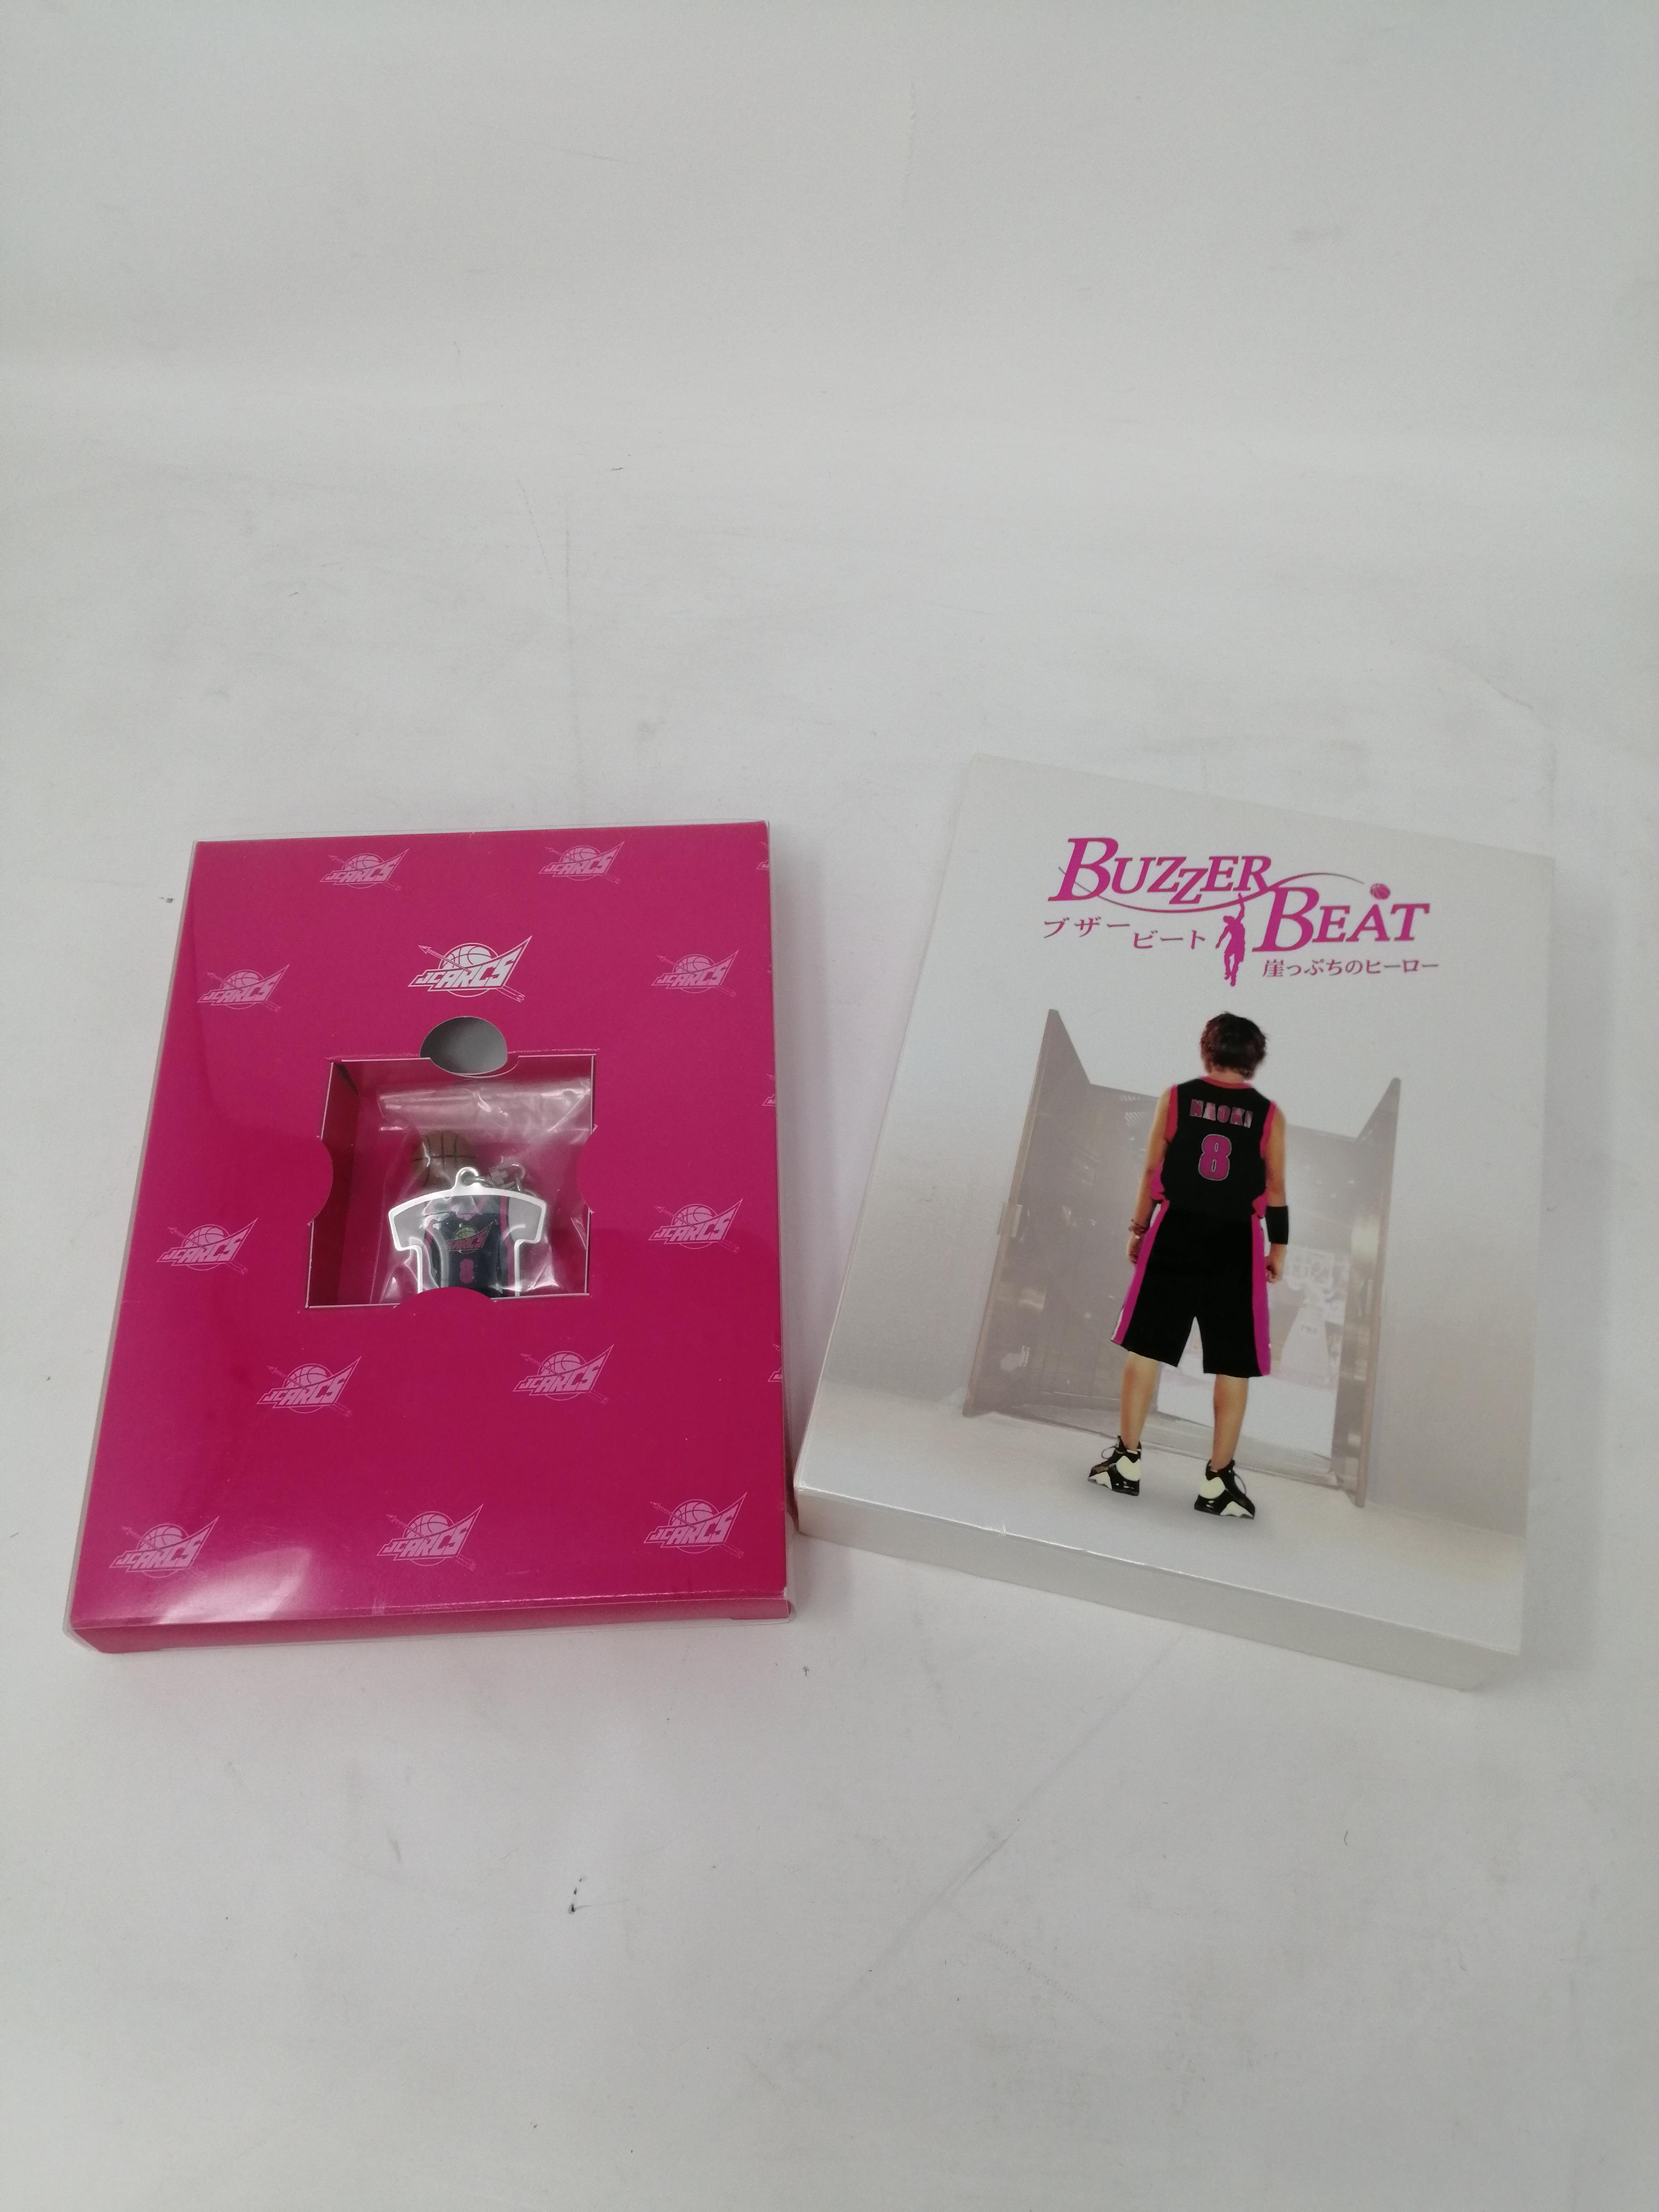 【DVD-BOX】ブザービート 崖っぷちのヒーロー|フジテレビ